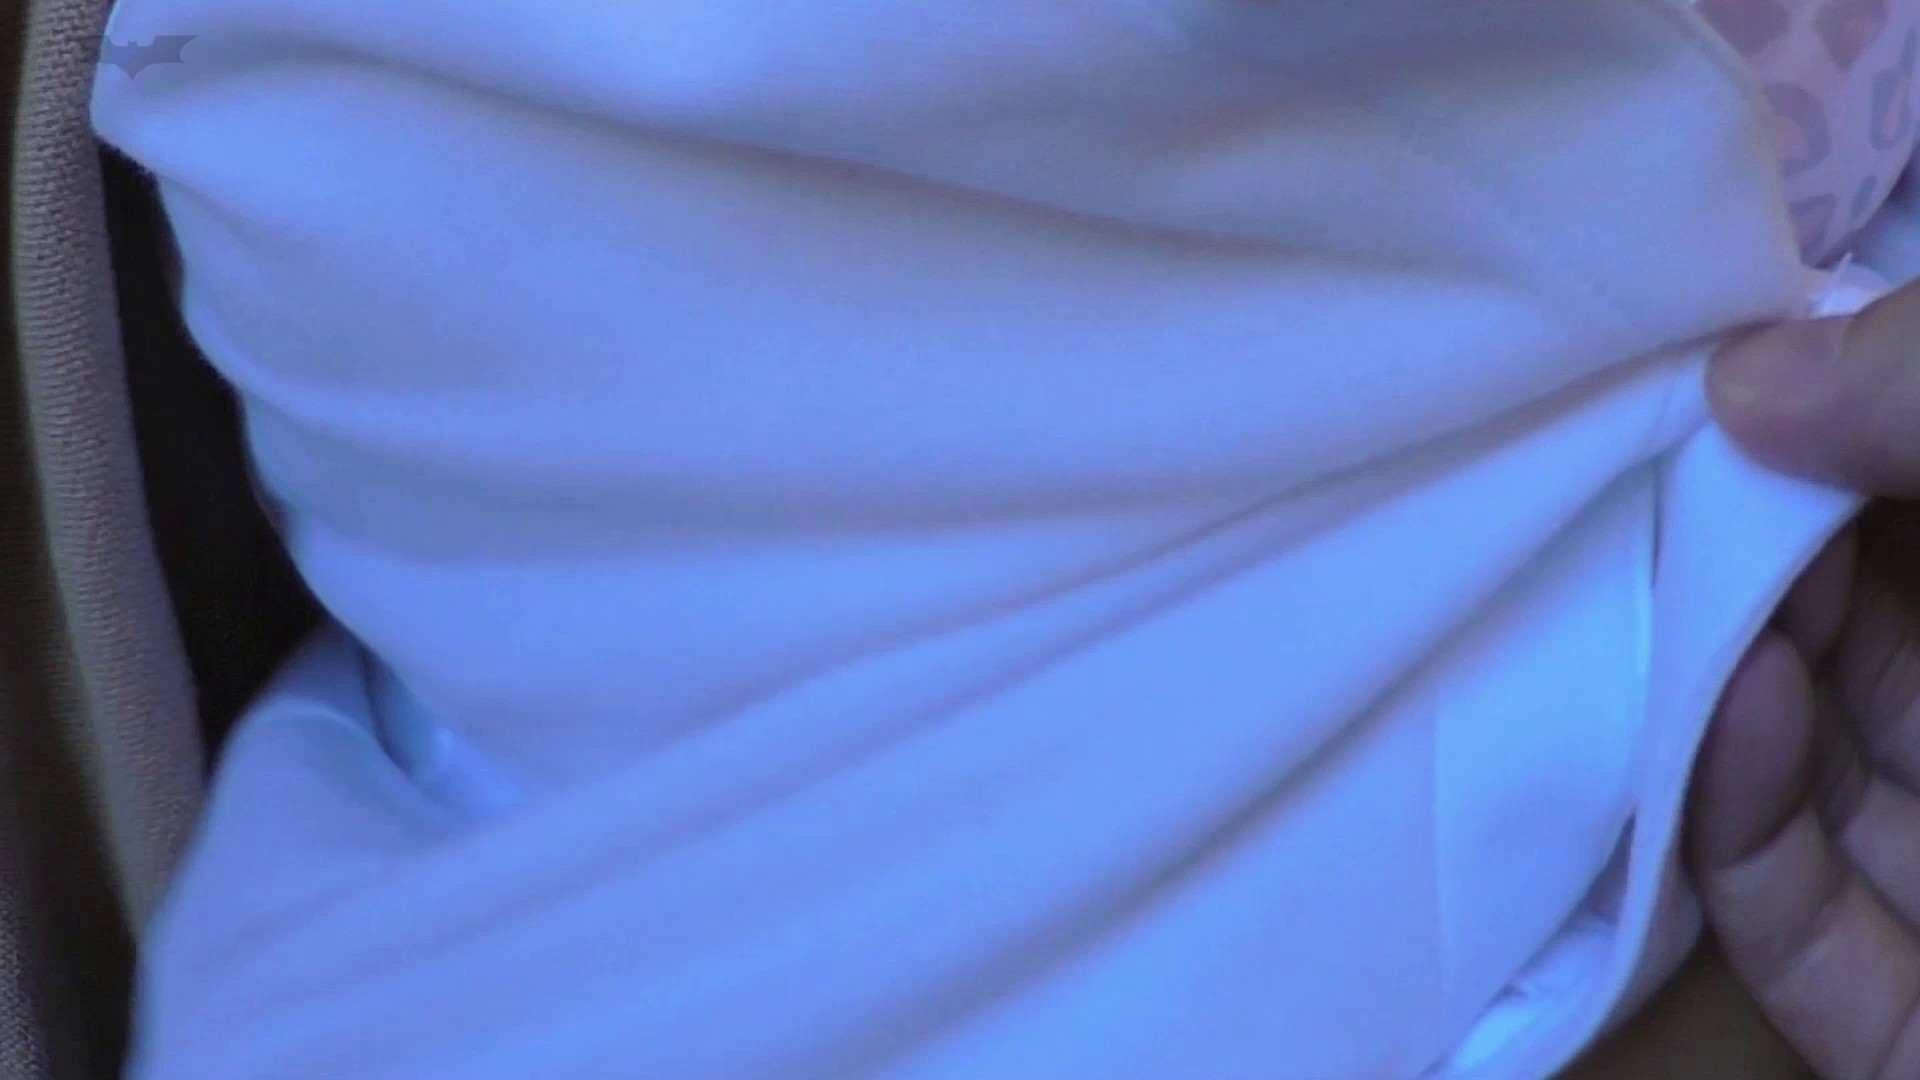 パンツを売る女 Vol.13 ノリノリのJD、そのノリでパクッ!どぴゅっと!! OLのボディ   パンツの中は。。  59PIX 17